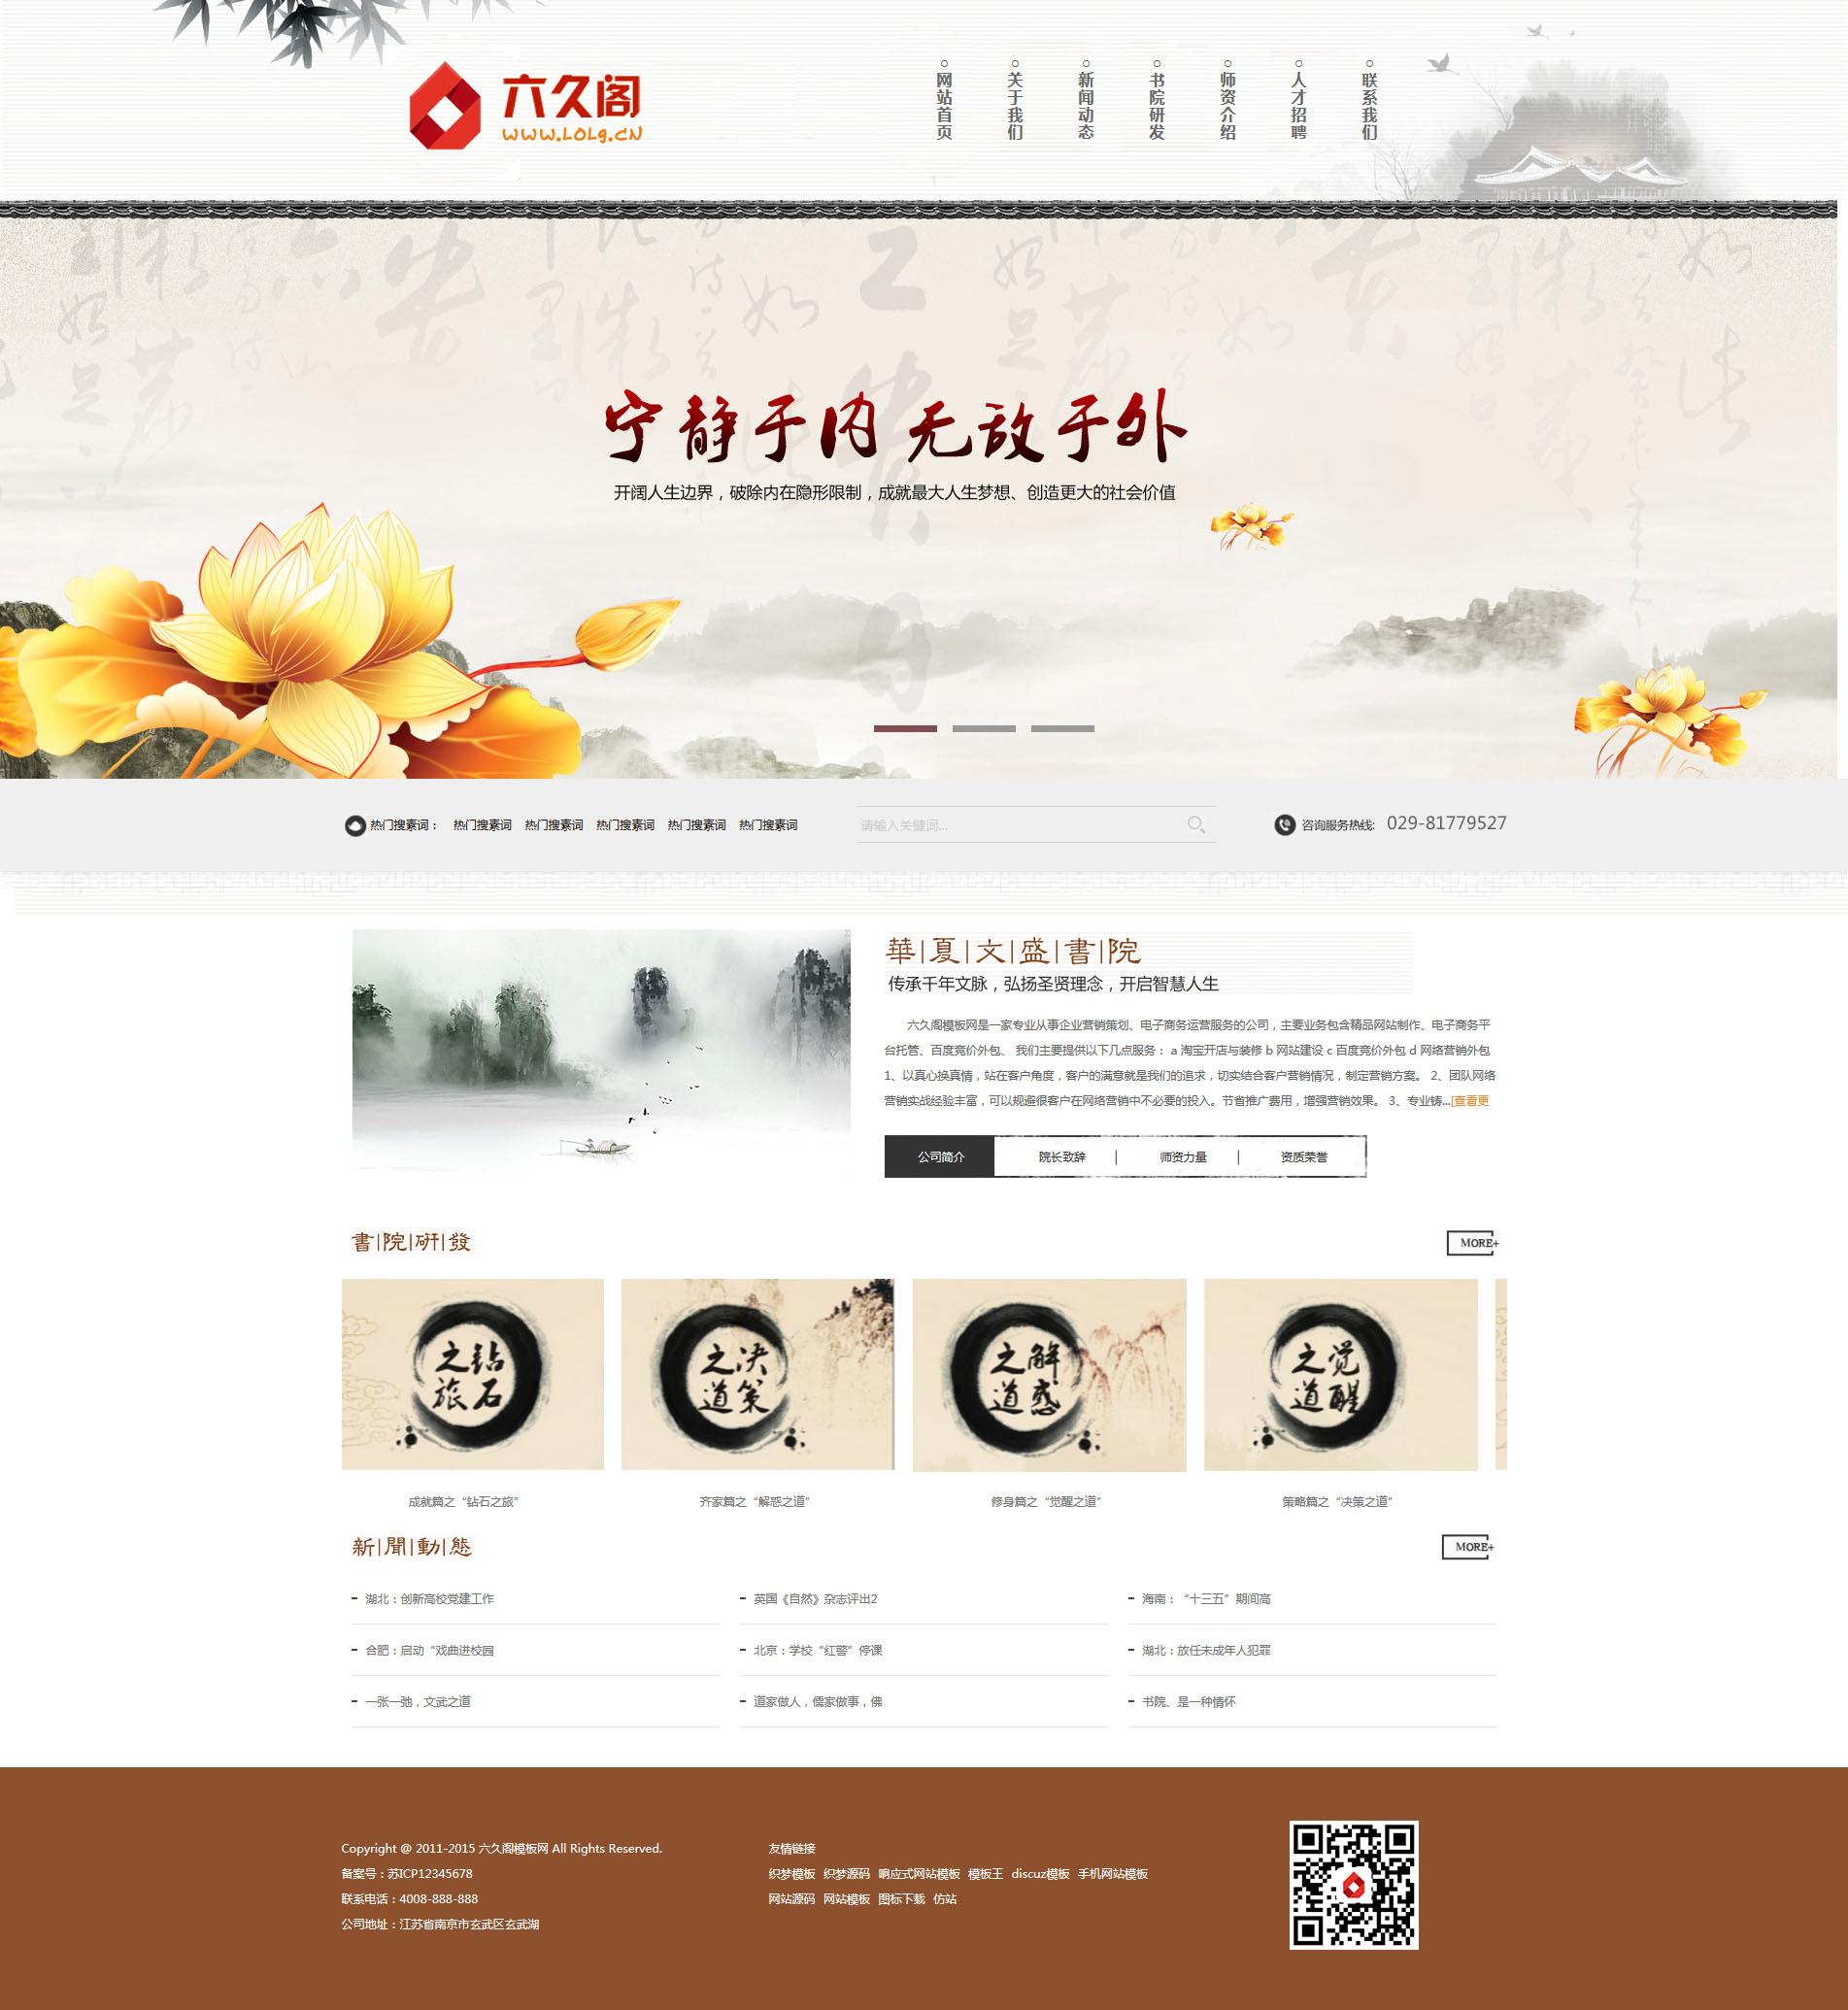 水墨风格古典文学艺术 文艺文化学院学校类网站织梦模板(带手机版)